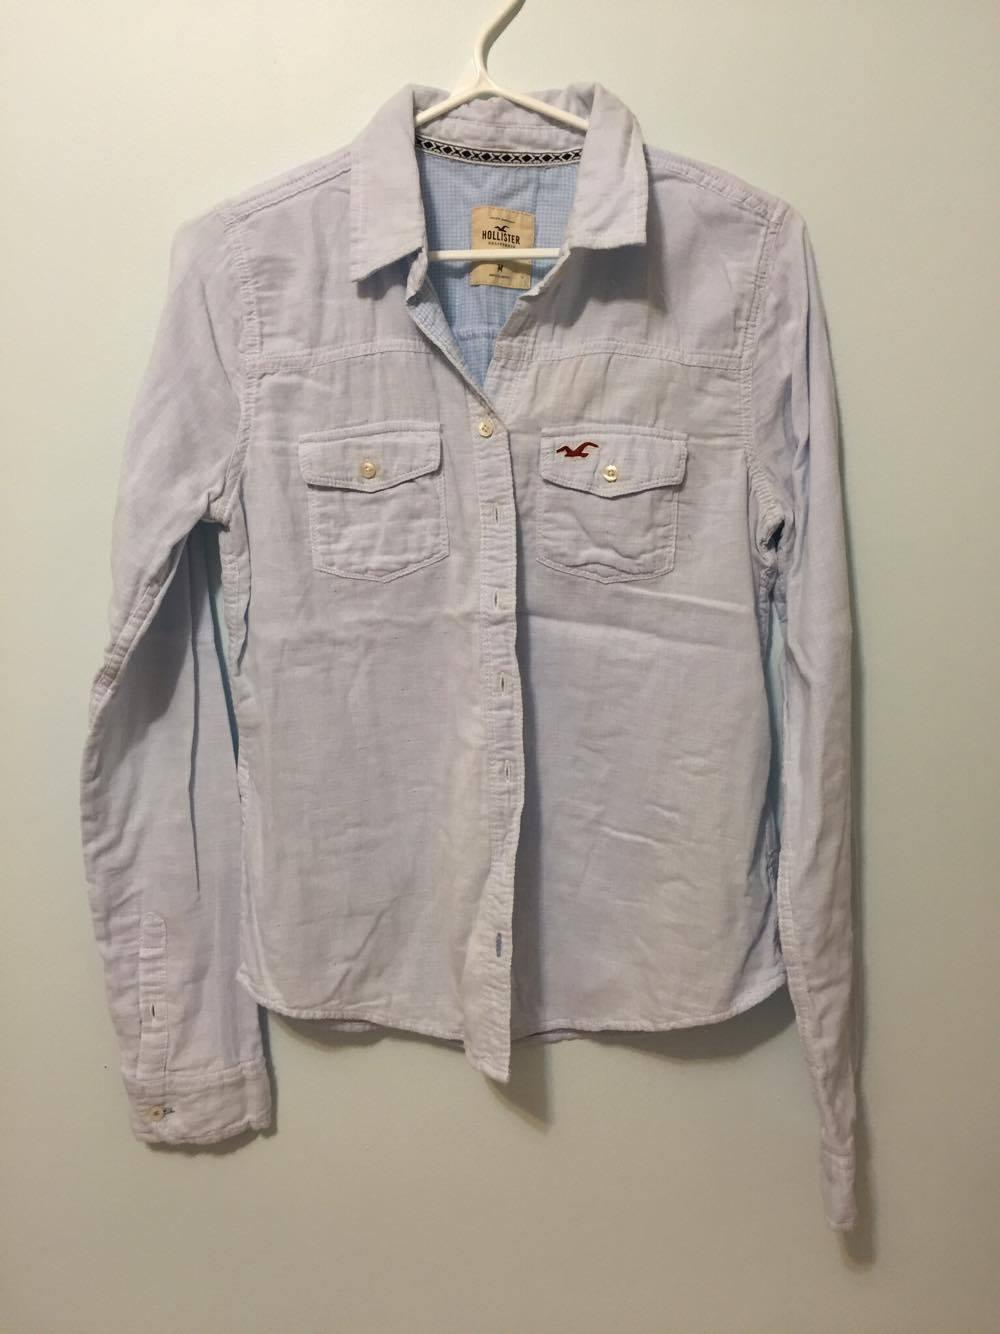 Hollister light blue shirt